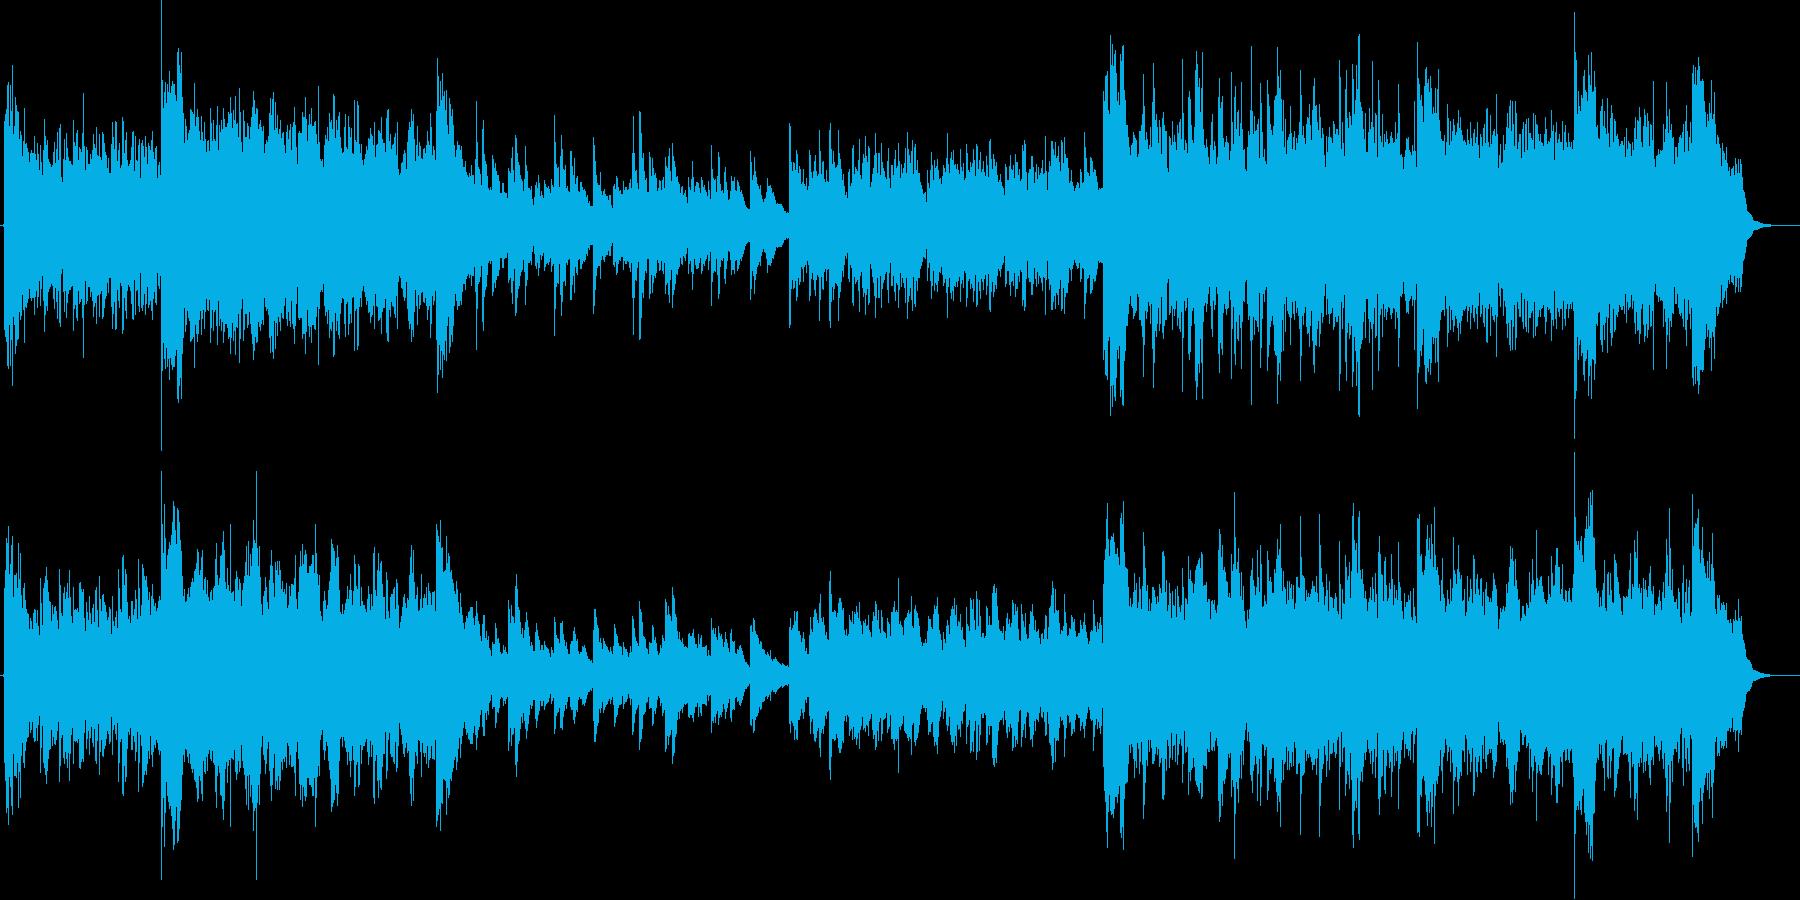 切ないピアノメロディーが印象的なバラードの再生済みの波形